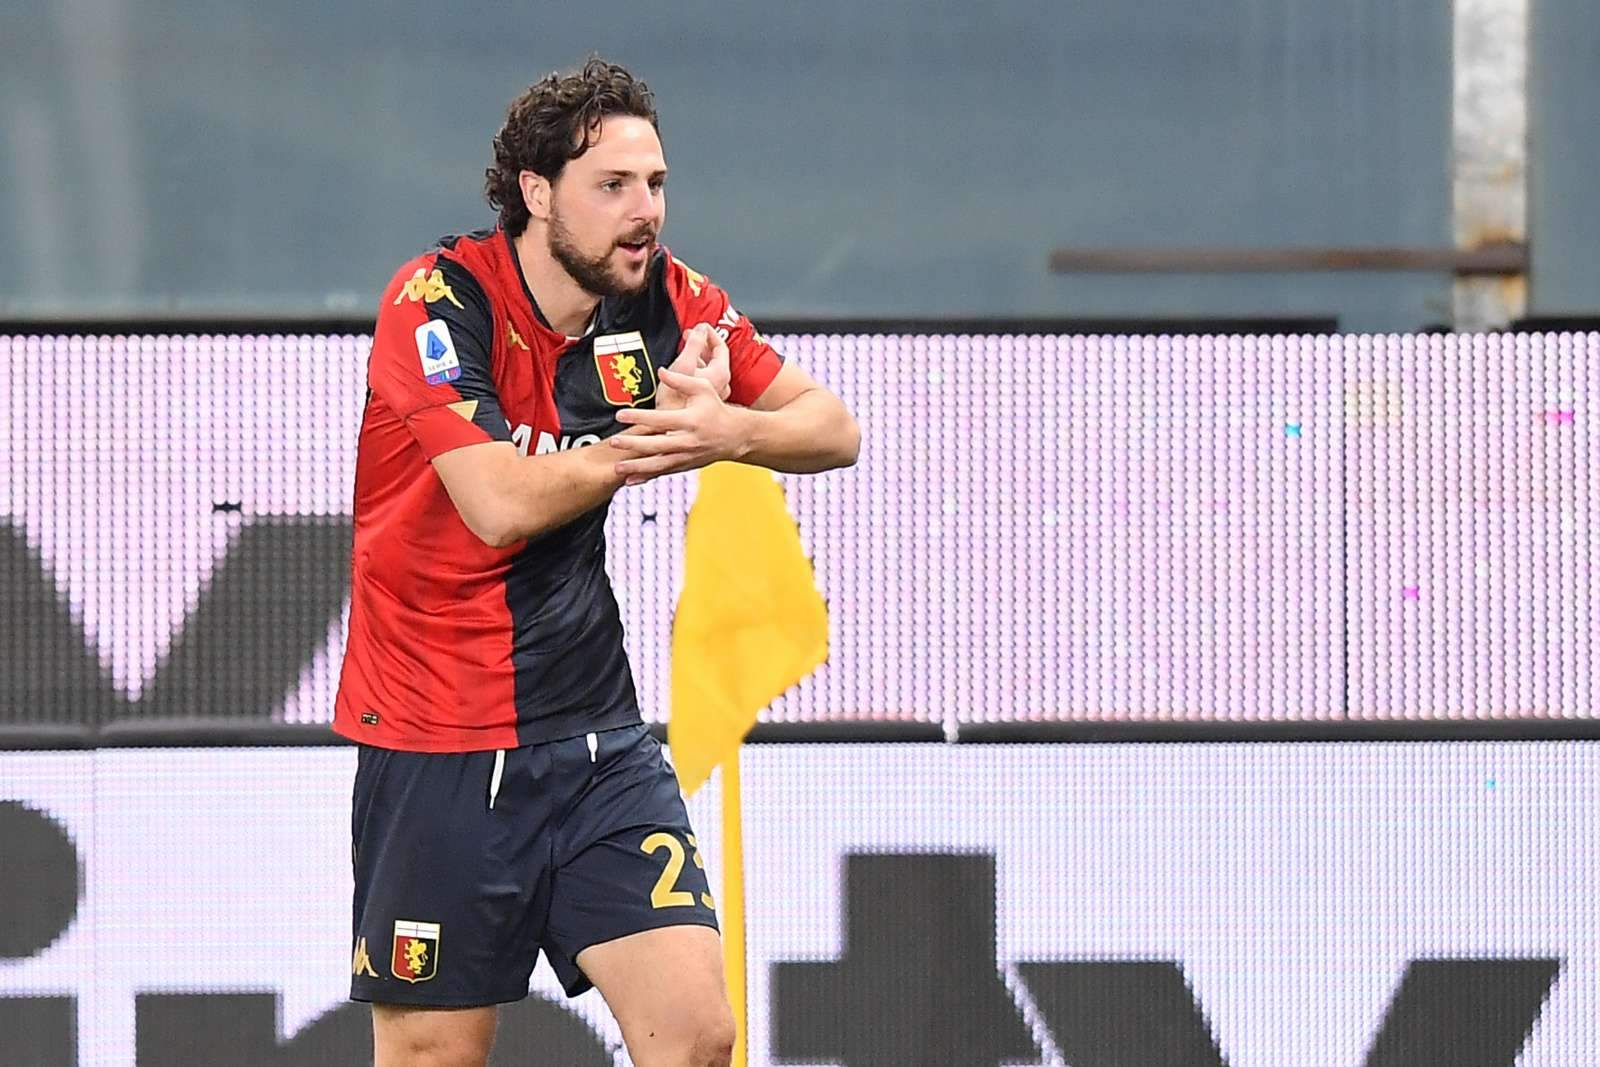 Дестро забил красивый гол в Серии А с бутылкой в руке